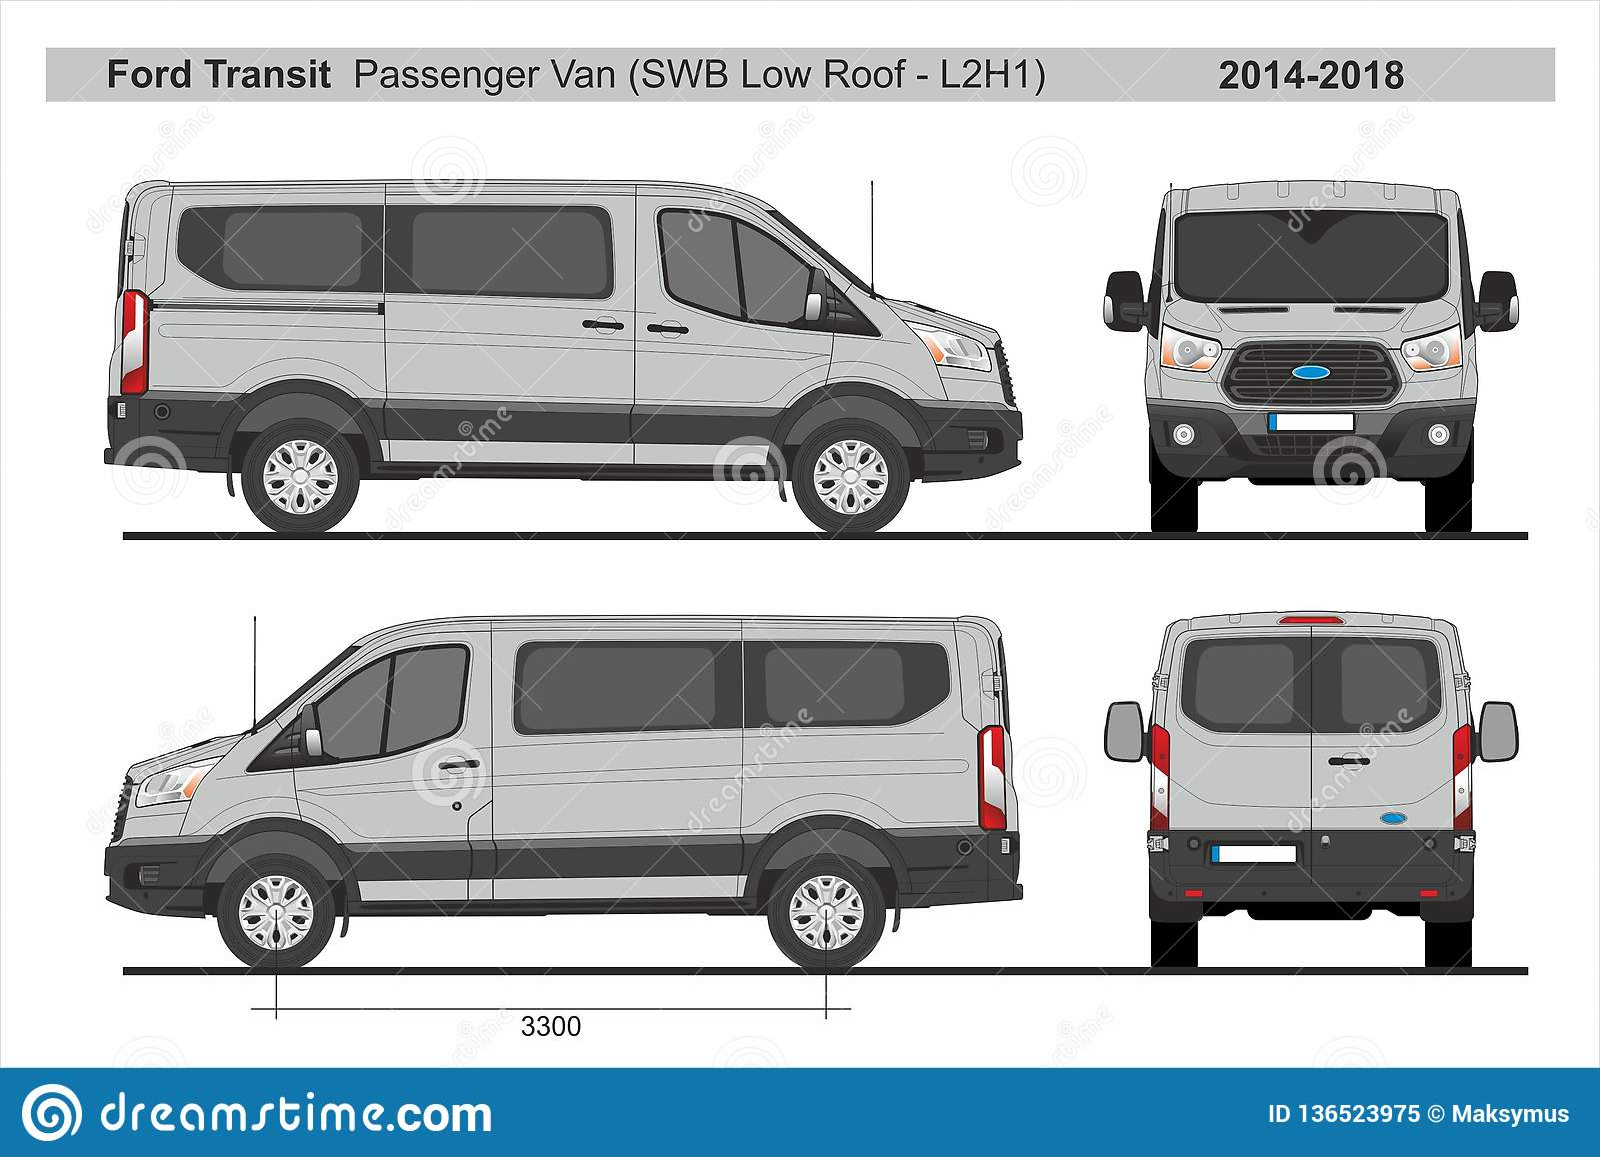 Ford Transit Passenger Van >> Ford Transit Passenger Van Swb Low Roof L2h1 2014 2018